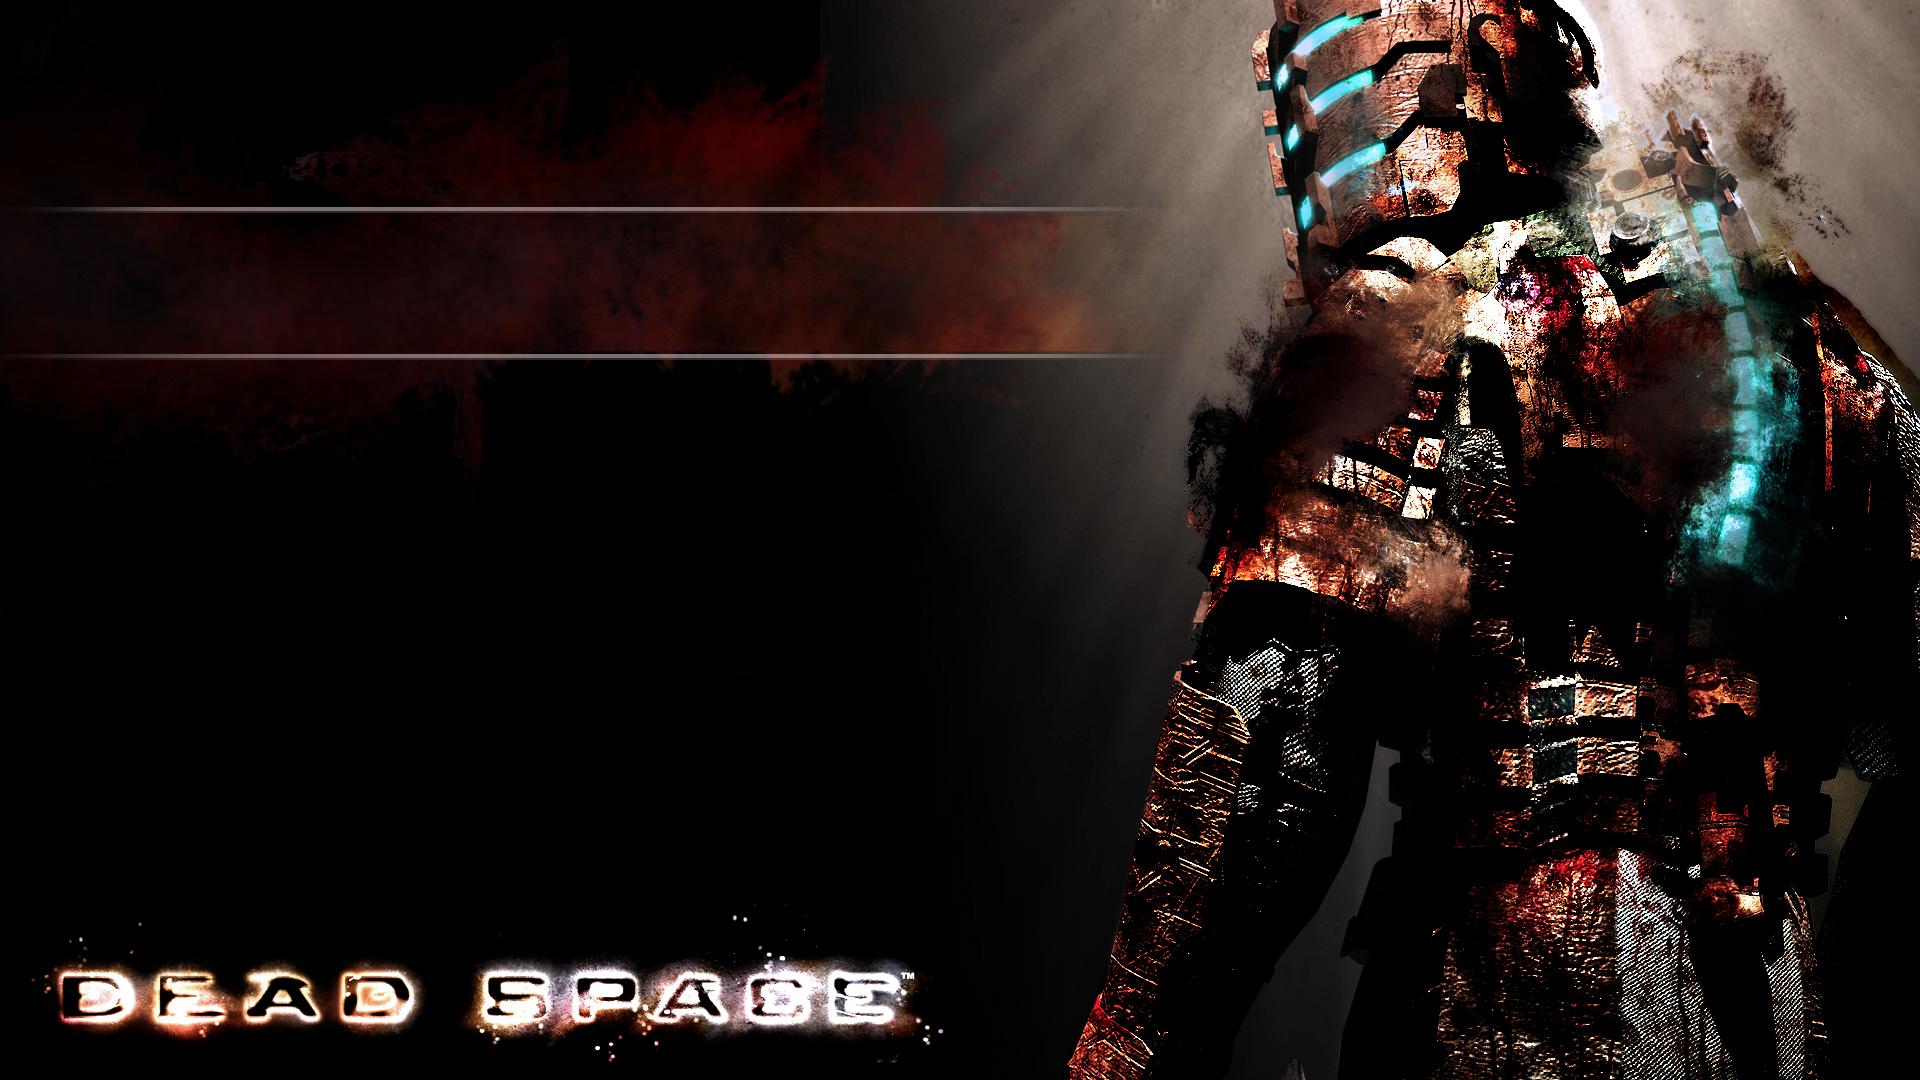 Dudadead Spacecuanto Dura En Total El Juego Gamers And